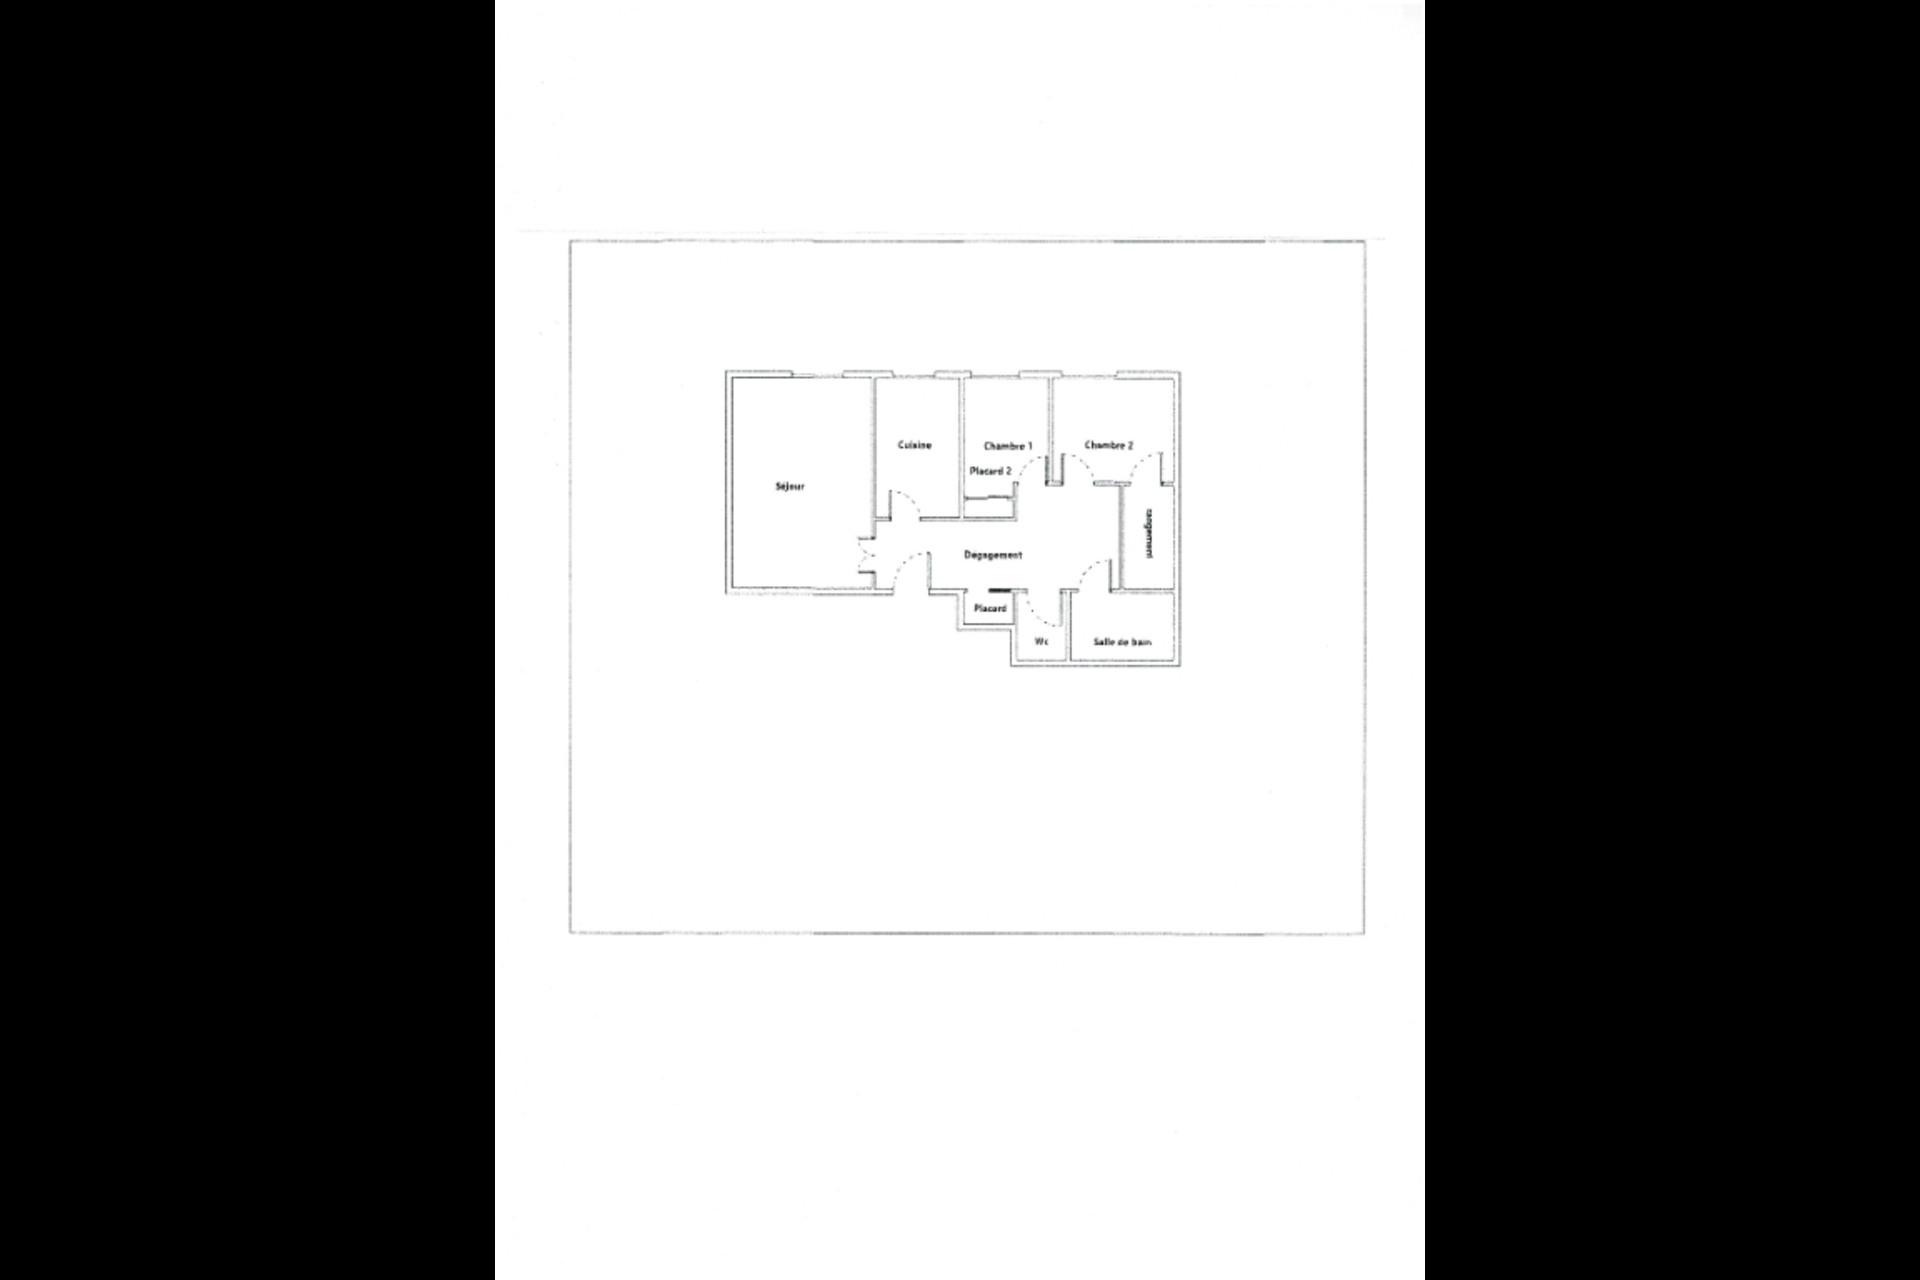 image 1 - Appartement À vendre saint germain en laye - 3 pièces